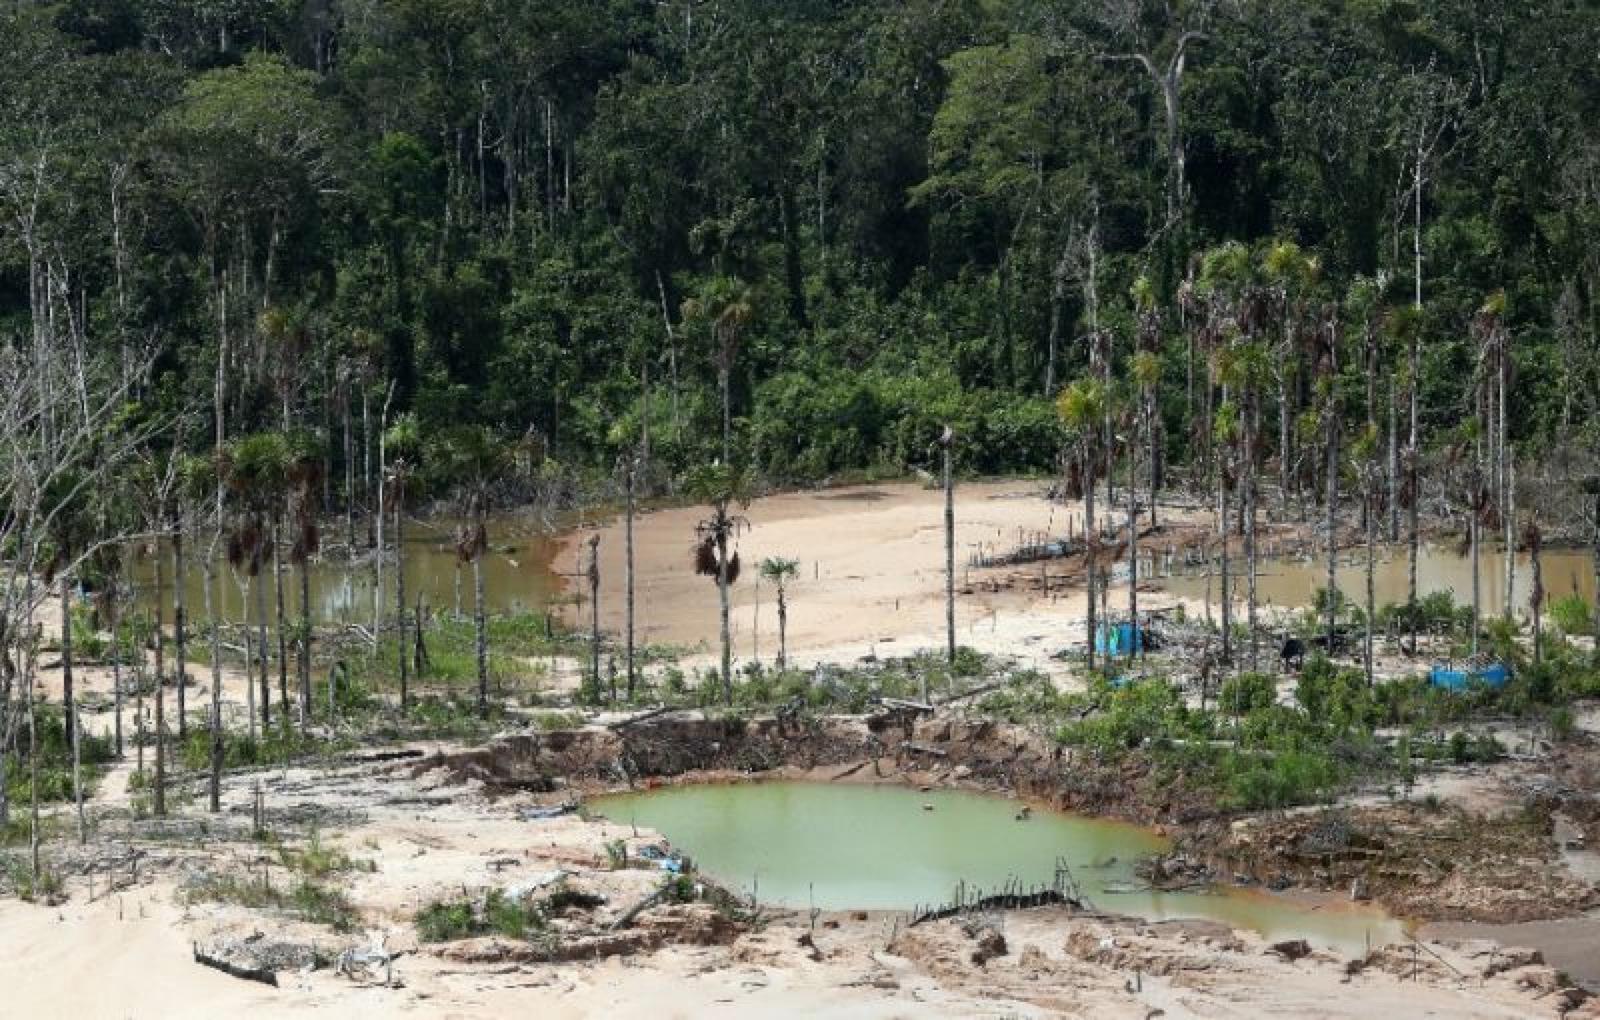 秘鲁成立亚马孙军事基地,打击非法采矿、保护原始森林